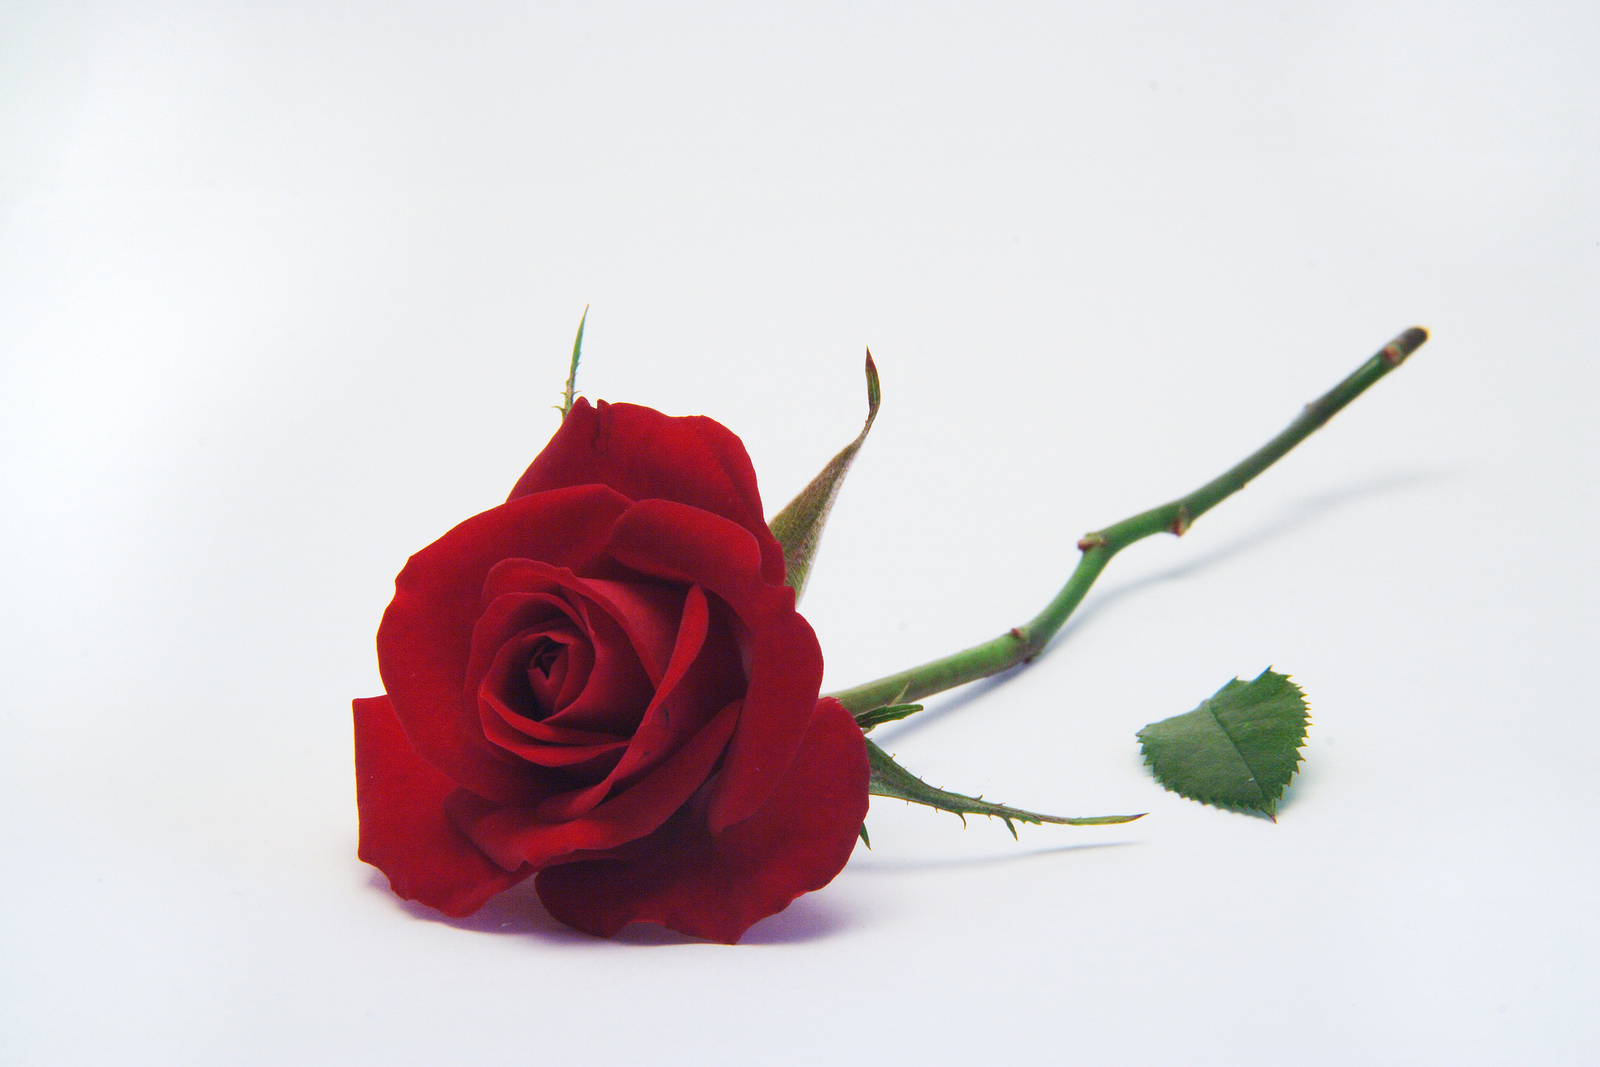 rose rms 09